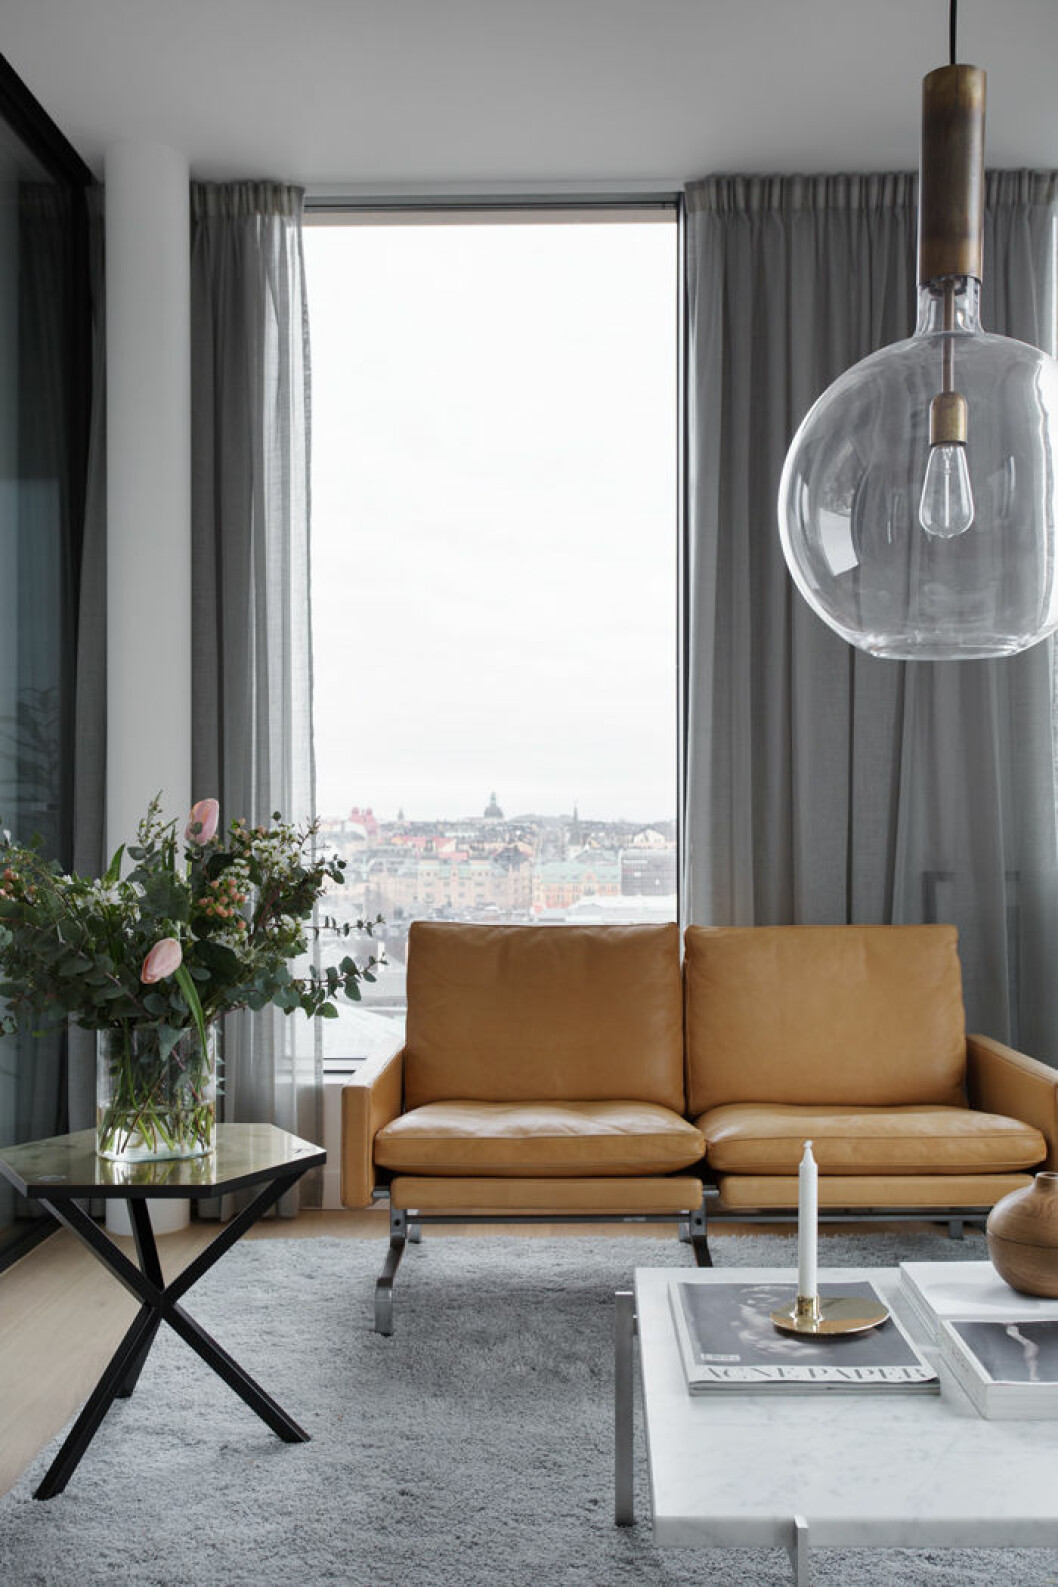 ESNY-Continental-apartments-Foto-Jesper-Florbrandt-8